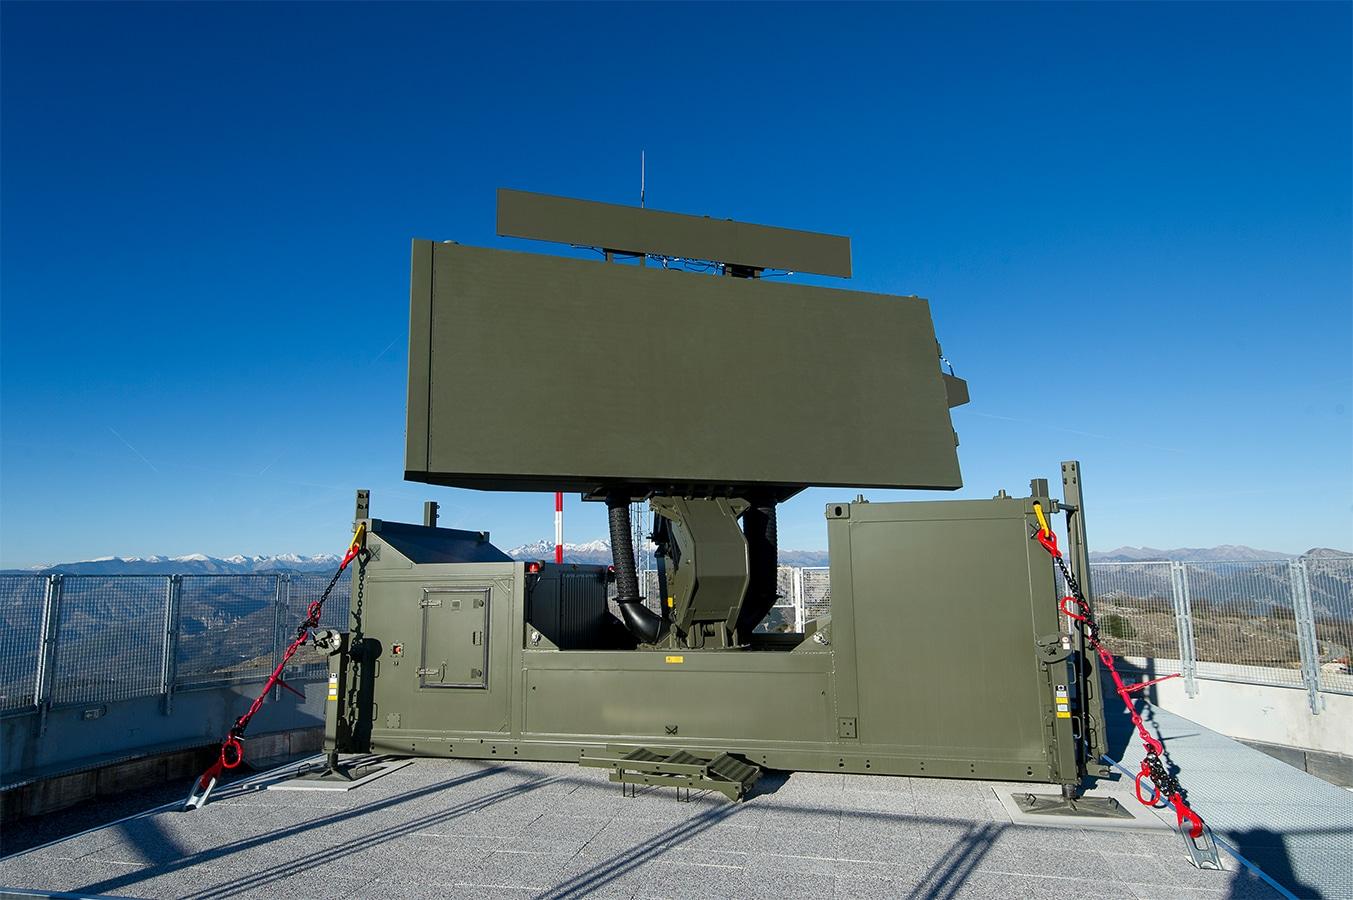 مصر تتسلم أربعة رادارات دفاع جوي من طراز GM 400 فرنسية الصنع